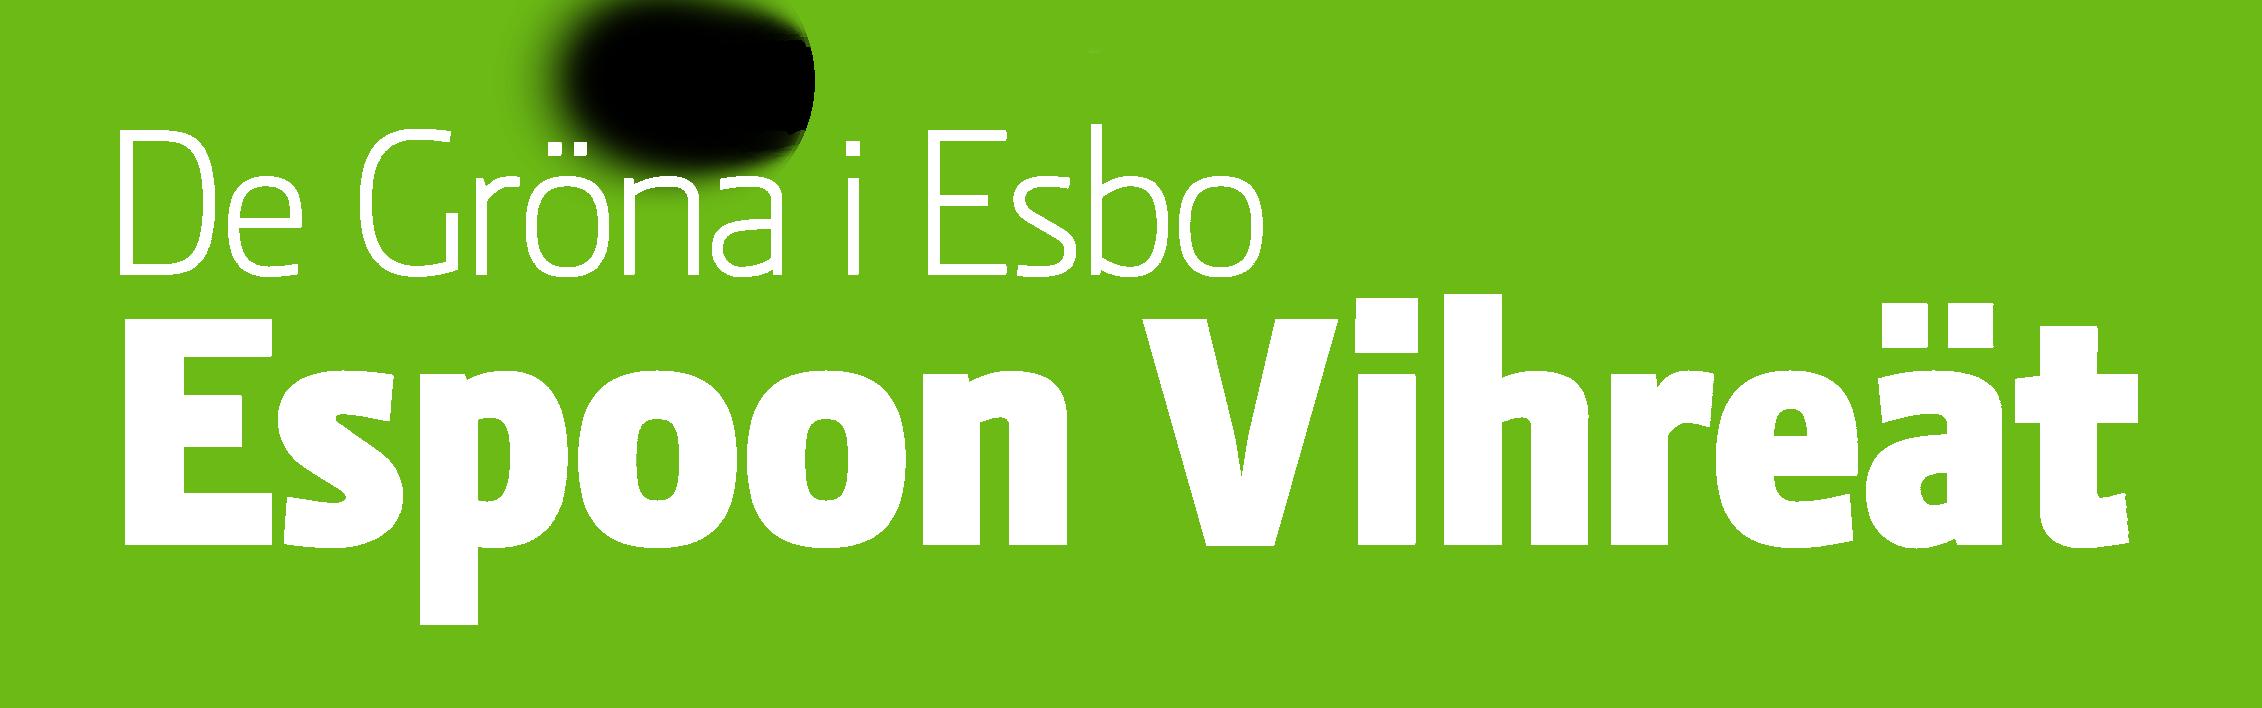 Espoon Vihreät – Vinkkaa ehdokasta!